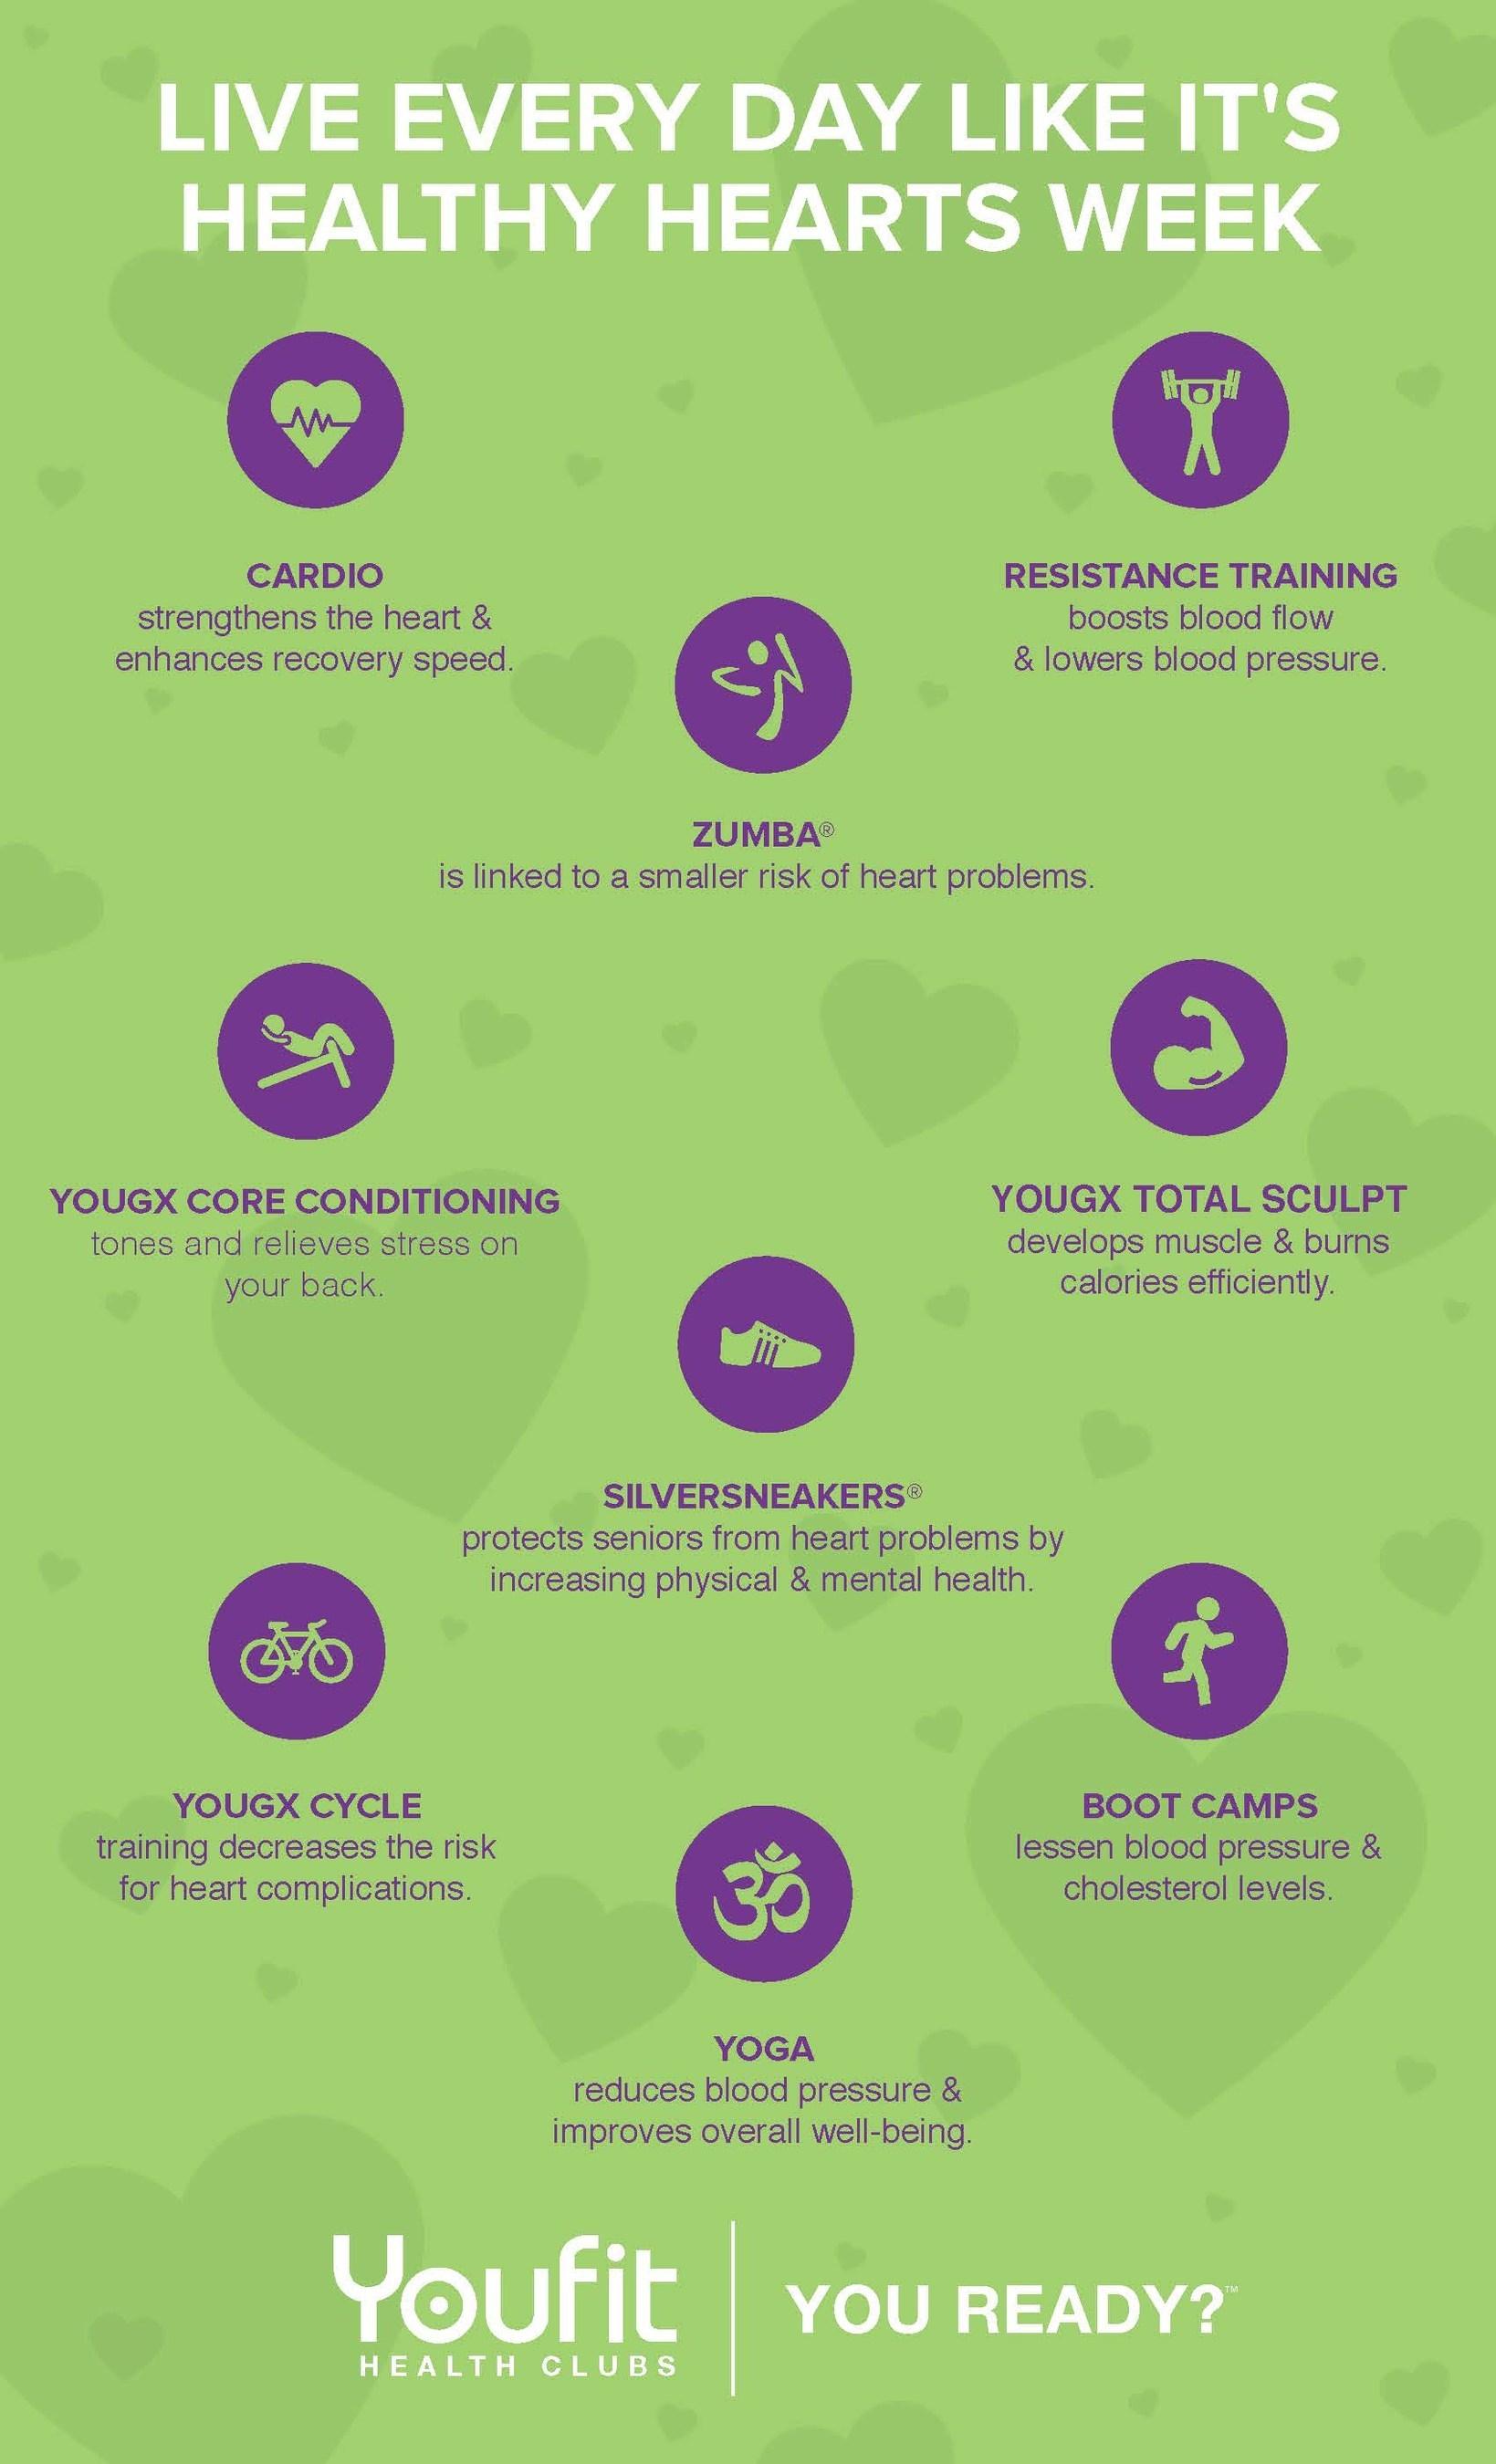 Youfit Healthy Hearts Week